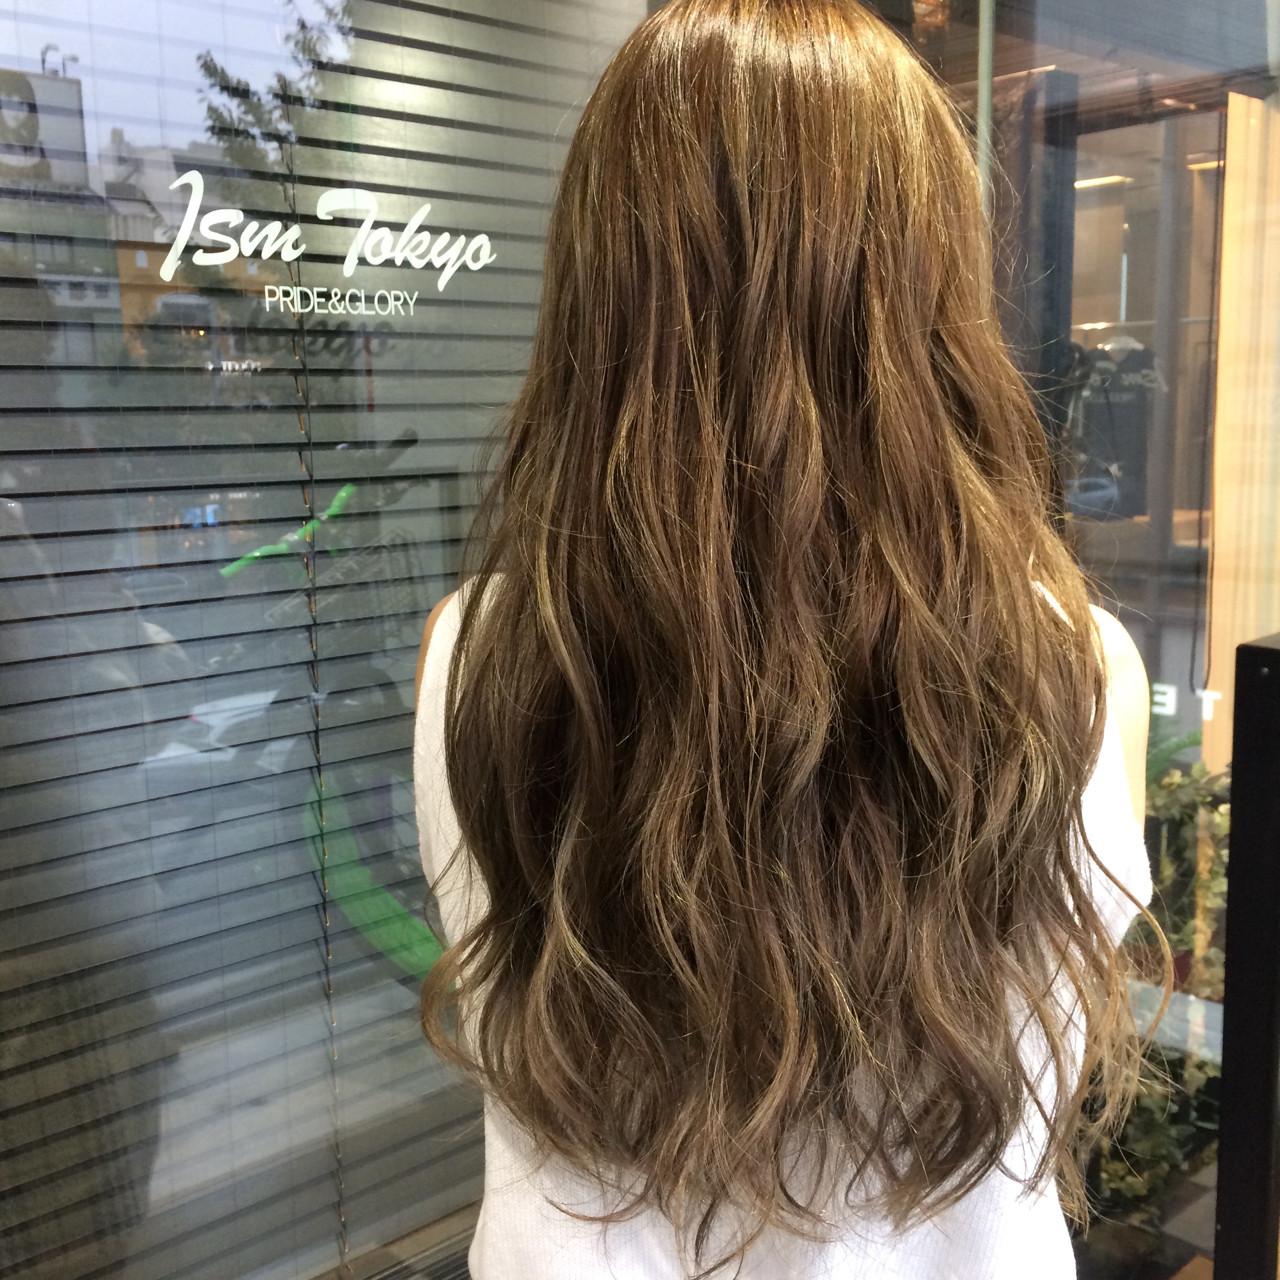 巻き髪 アッシュベージュ ロング 透明感 ヘアスタイルや髪型の写真・画像 | 青野拓美 / ISM 南青山店